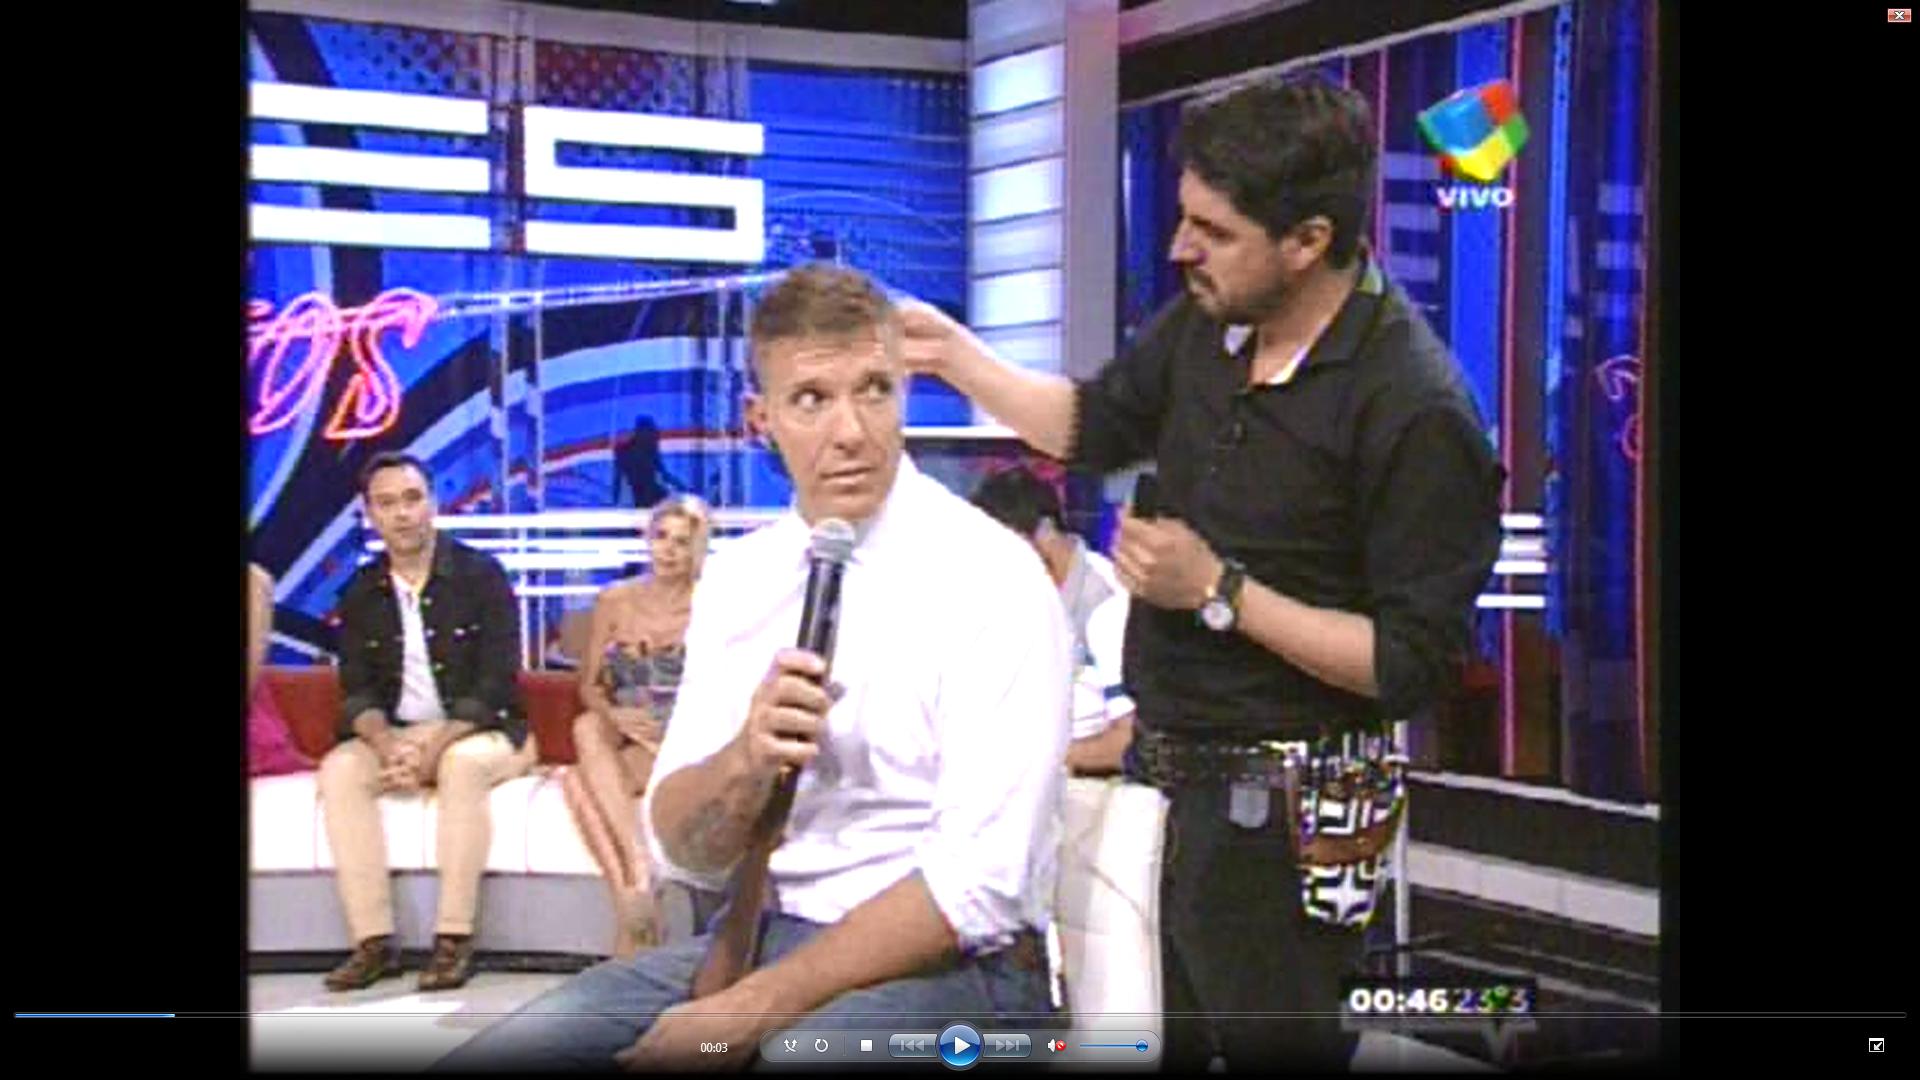 Alejandro Fantino se cortó el pelo con picos de rating en la noche de América